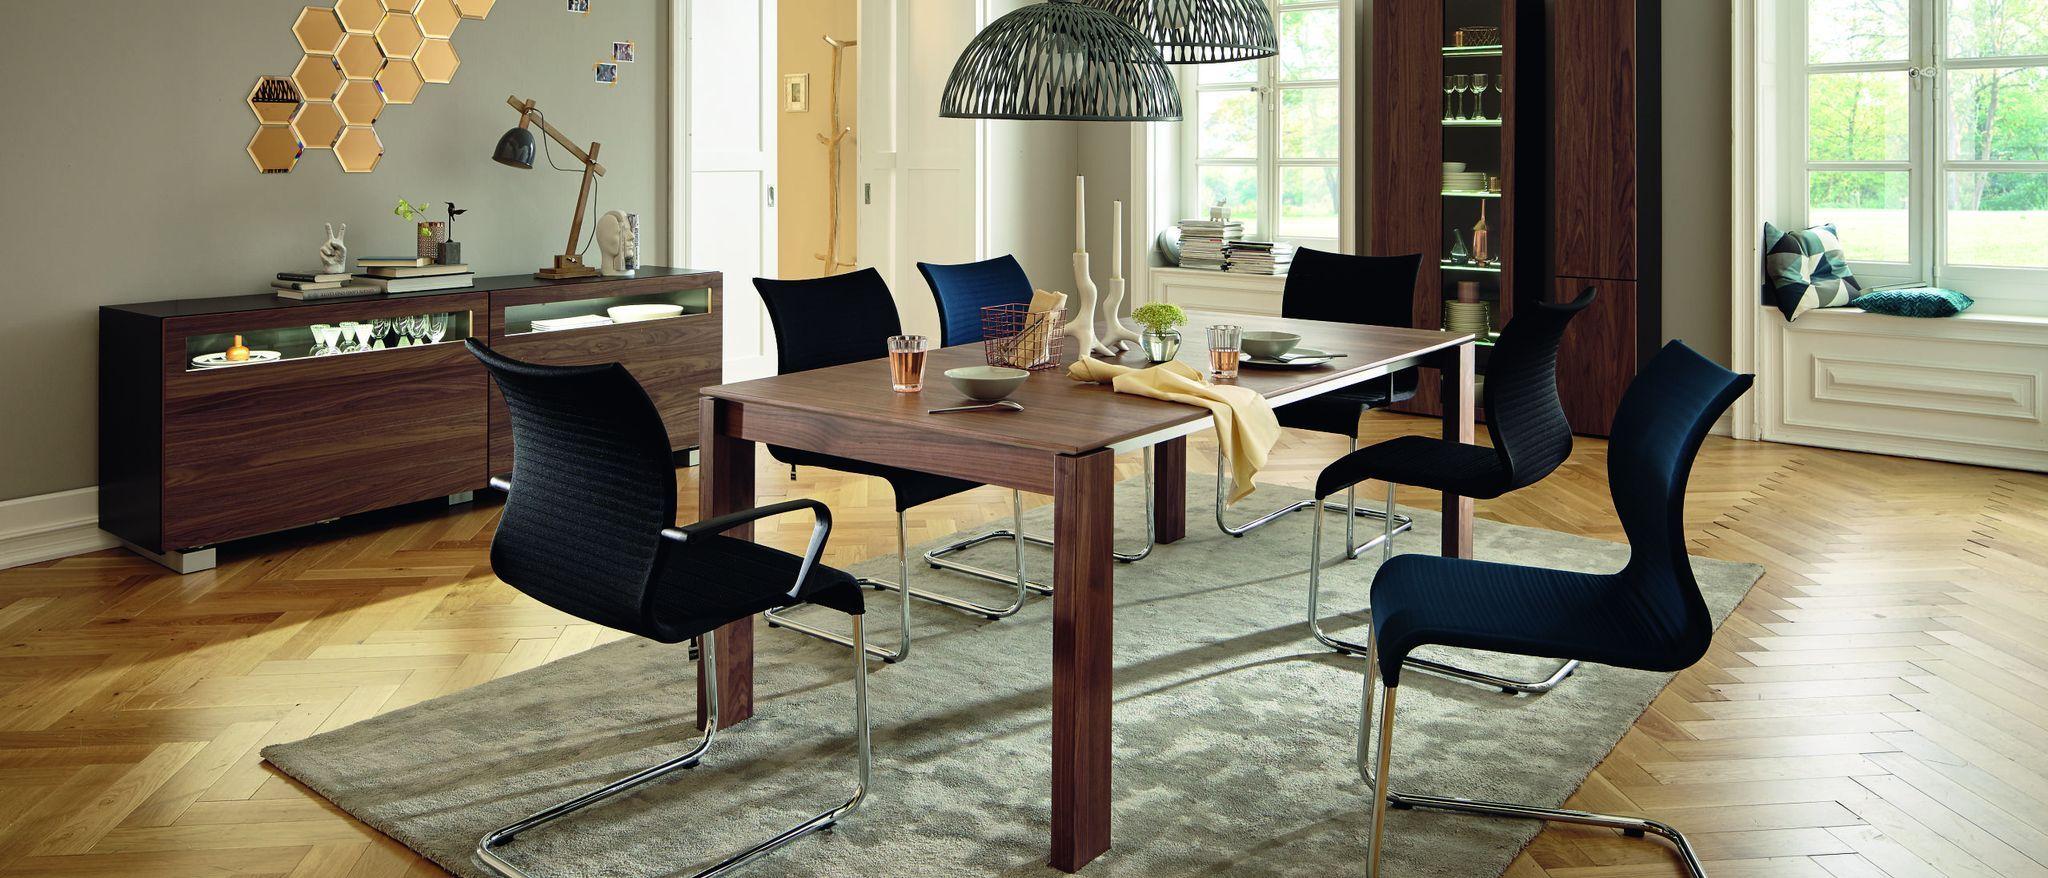 Hulsta Now Eetkamerstoelen.Dining Hulsta Die Mobelmarke 现代风格餐厅modern